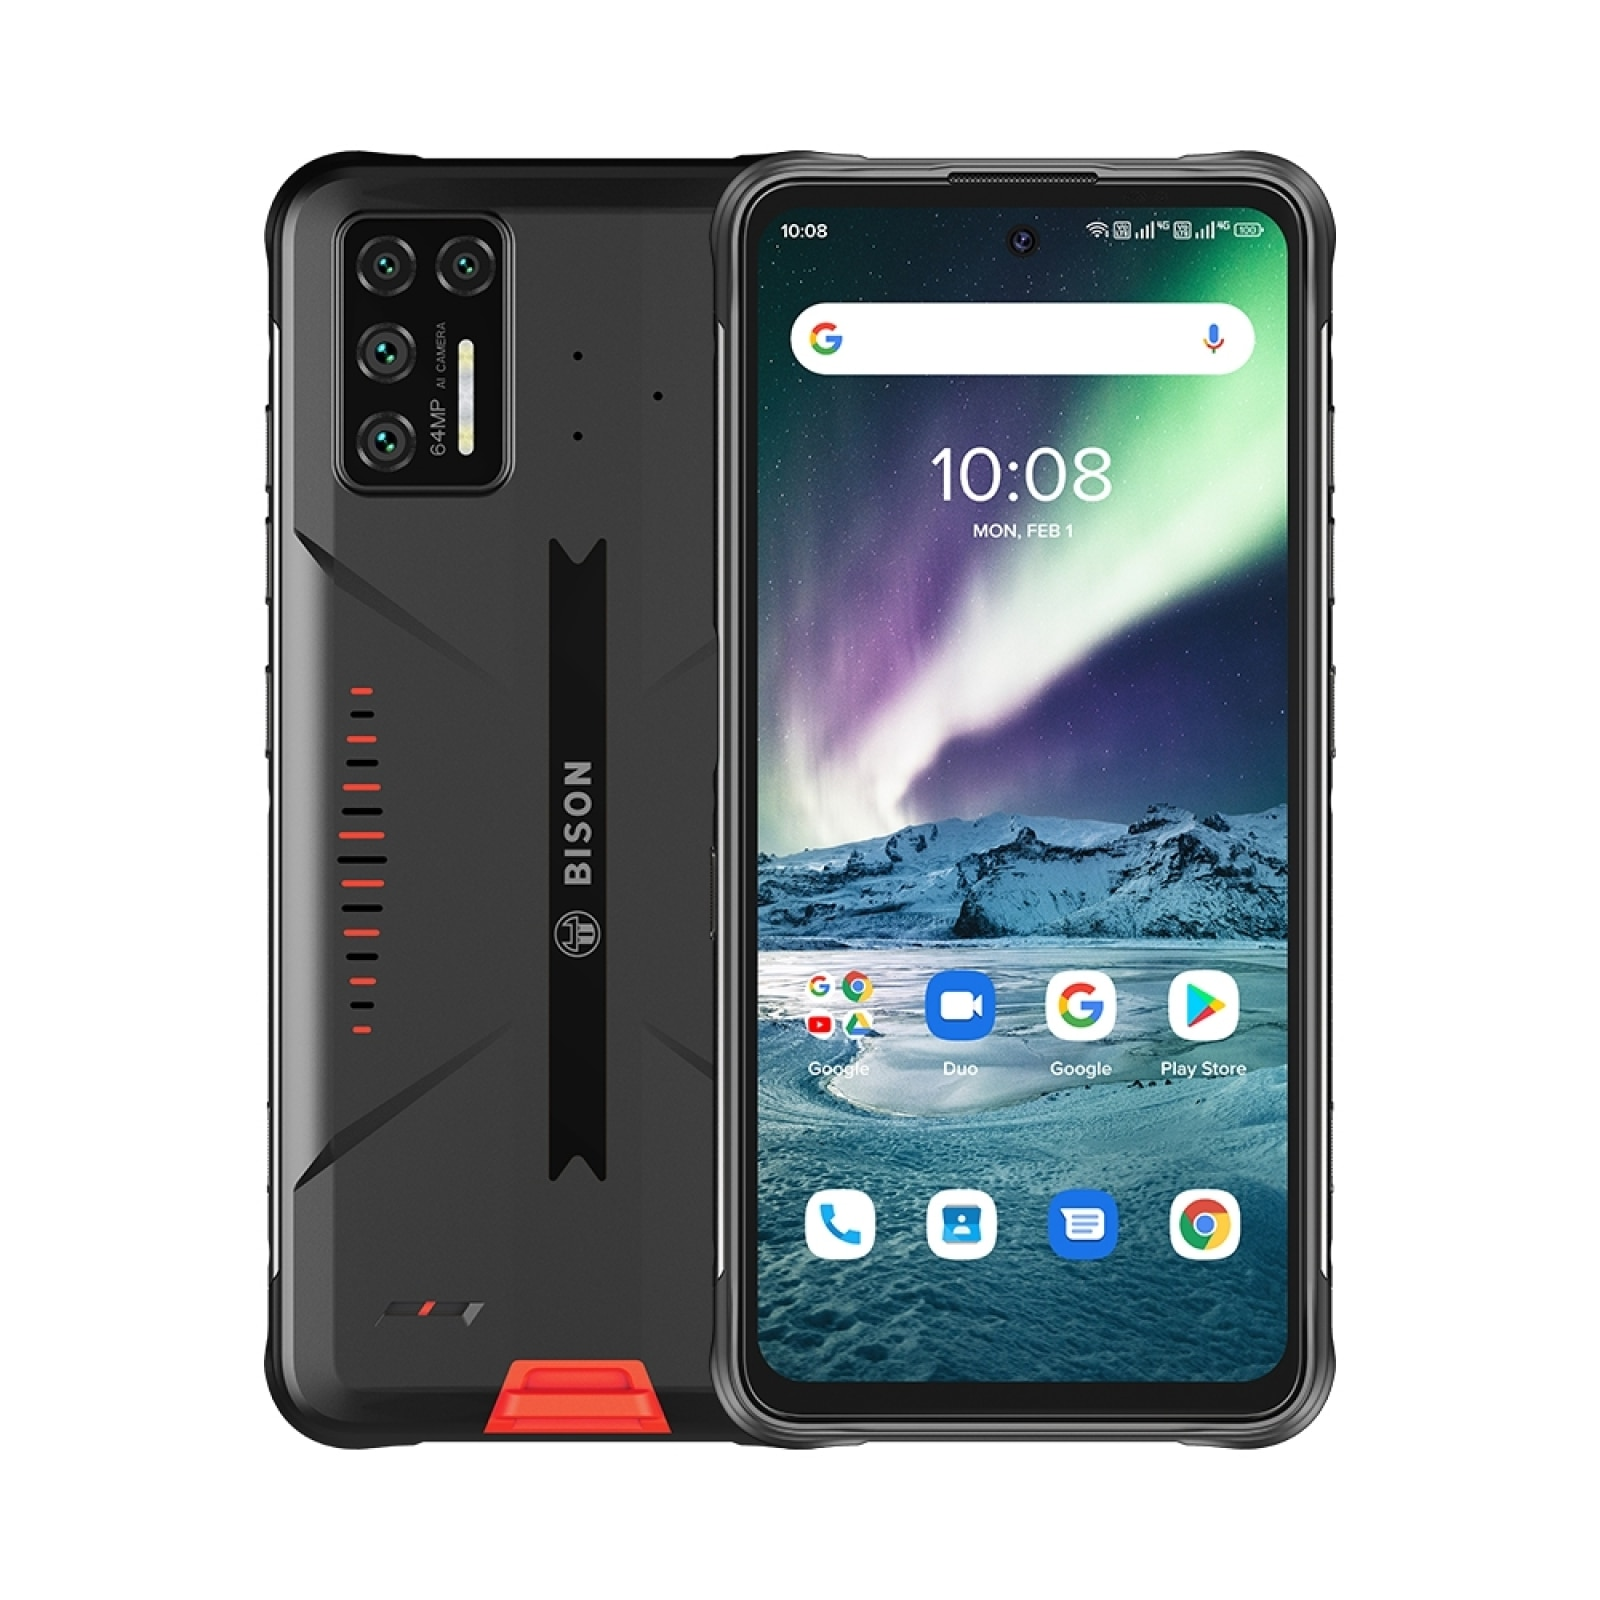 Смартфон UMIDIGI BISON GT защищенный, IP68/IP69K, камера 64 мп, FHD дисплей 6,67 дюйма, Android 10, Восьмиядерный Helio G95, 8 ГБ + 128 Гб, NFC